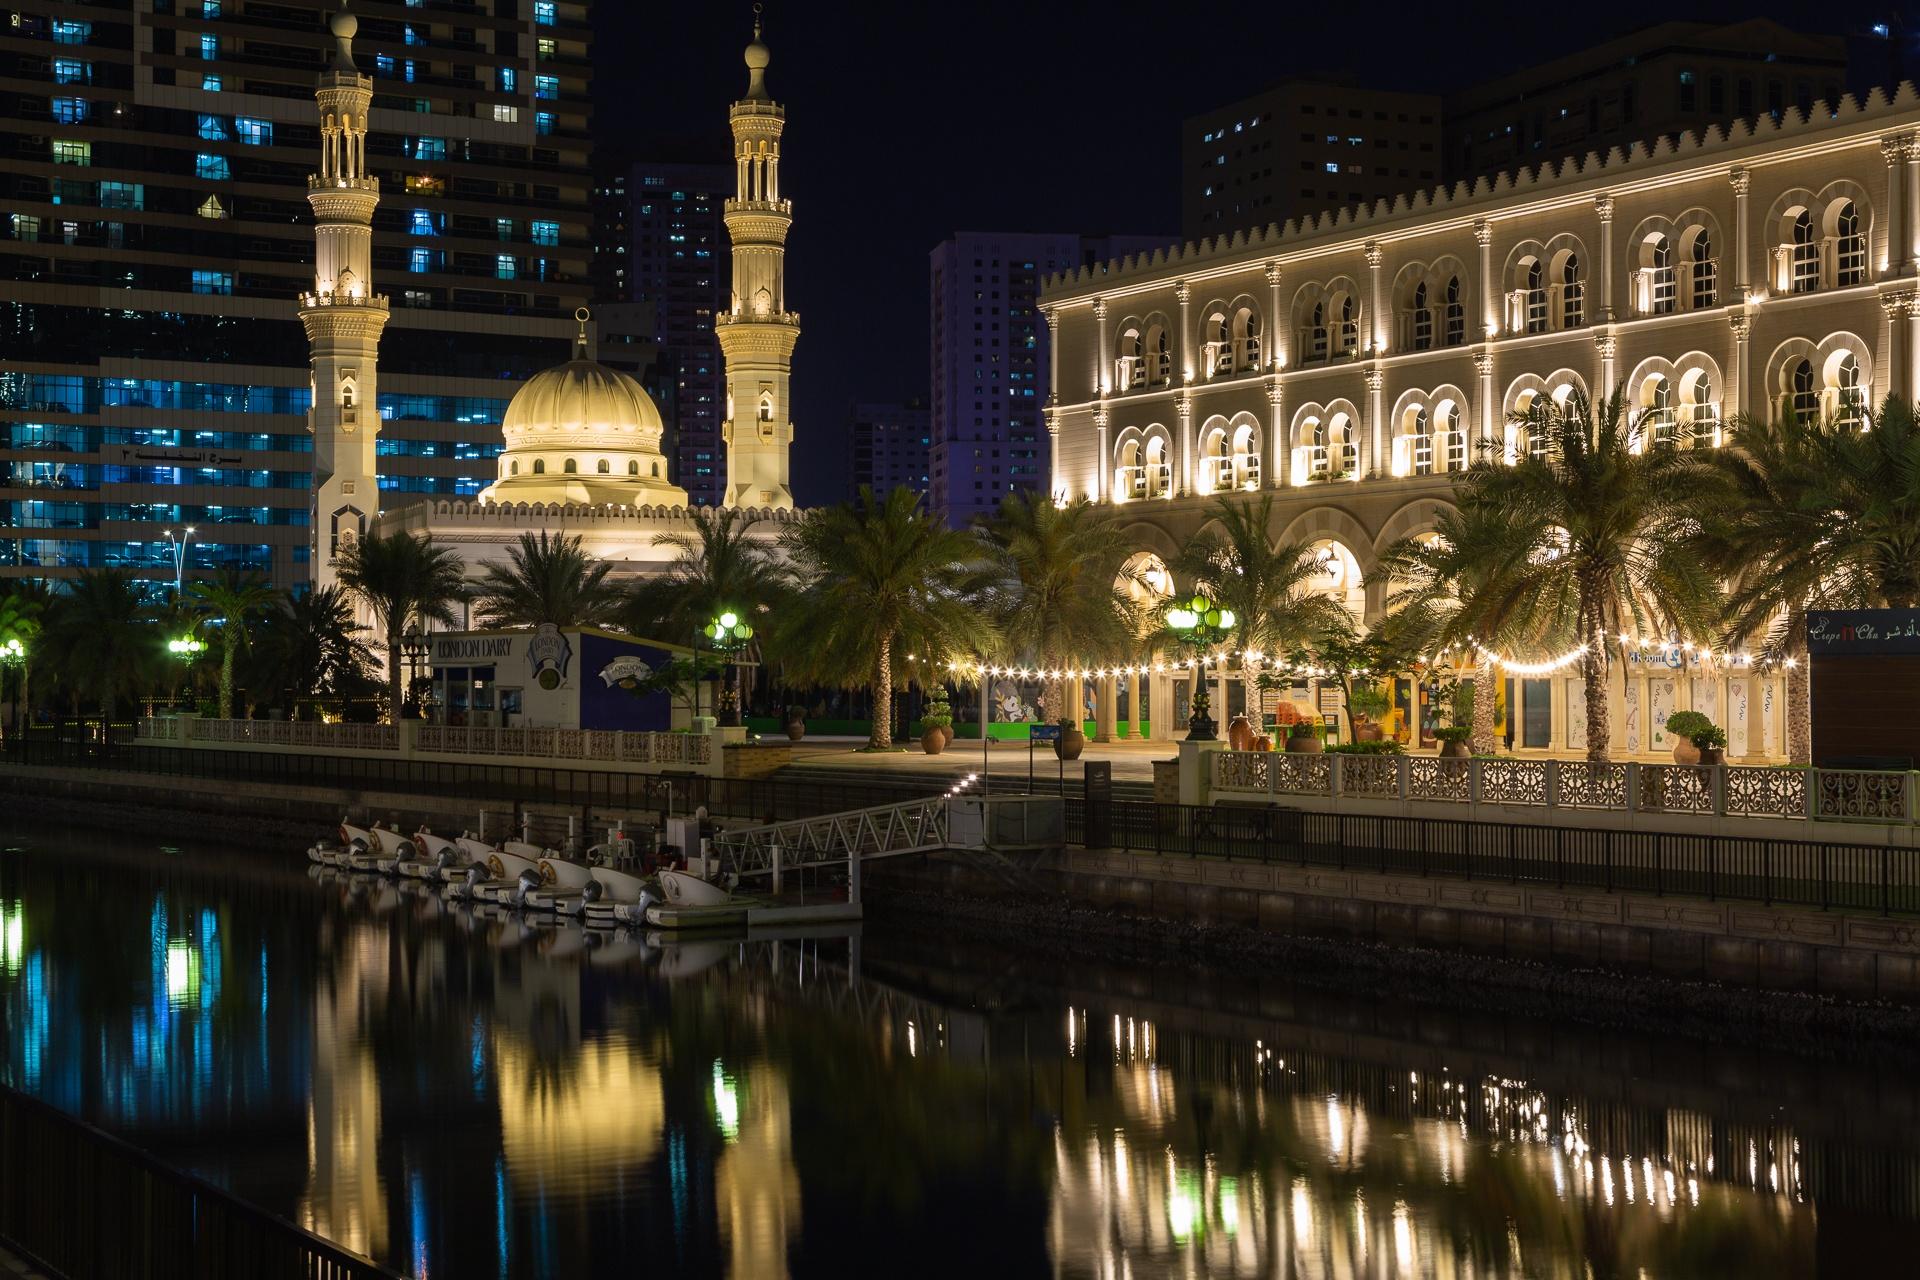 Mosque at Al Qasbr, Sharjah